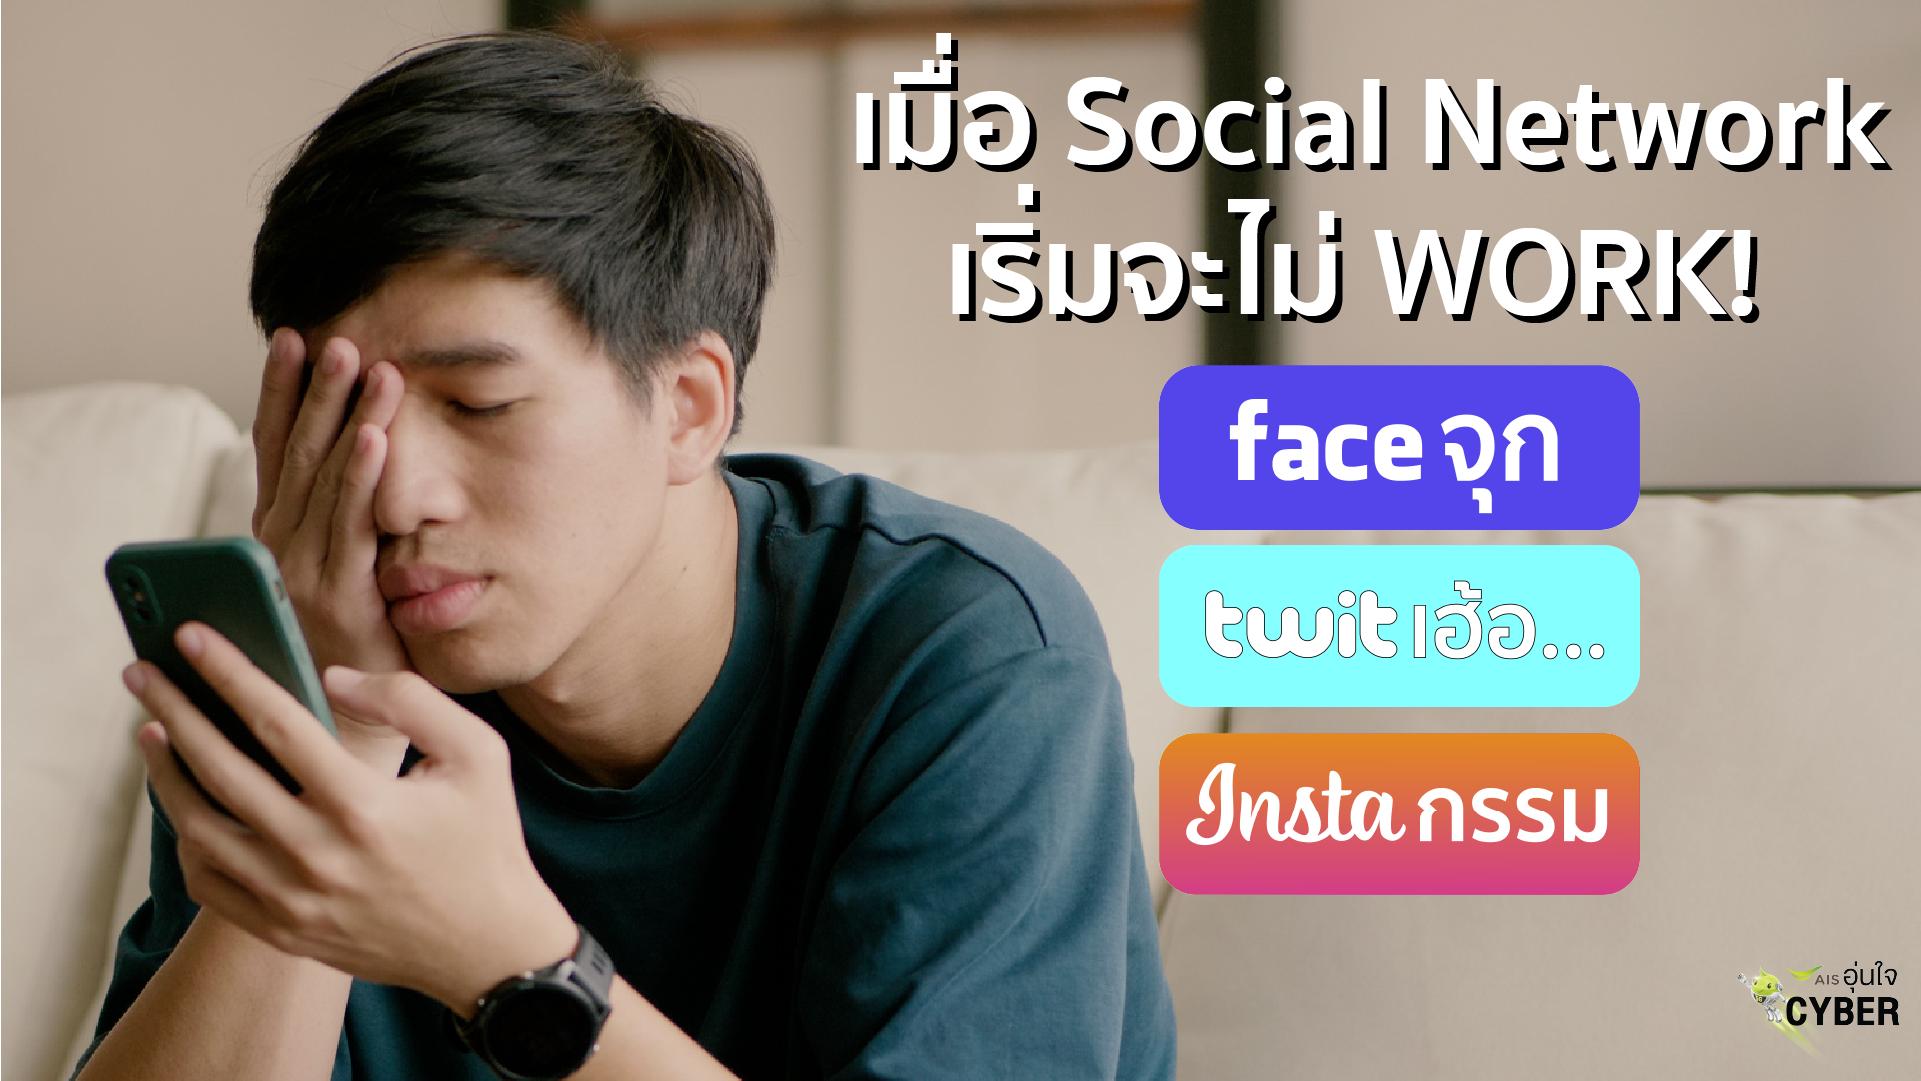 """""""เอไอเอส อุ่นใจCyber"""" กระตุกคนไทย แนะใช้โซเชียลออนไลน์ไม่ให้ทุกข์ หยุดวิถี """"Faceจุก Twitเฮ้อ Instaกรรม"""" ใน """"วันความสุขสากล"""""""